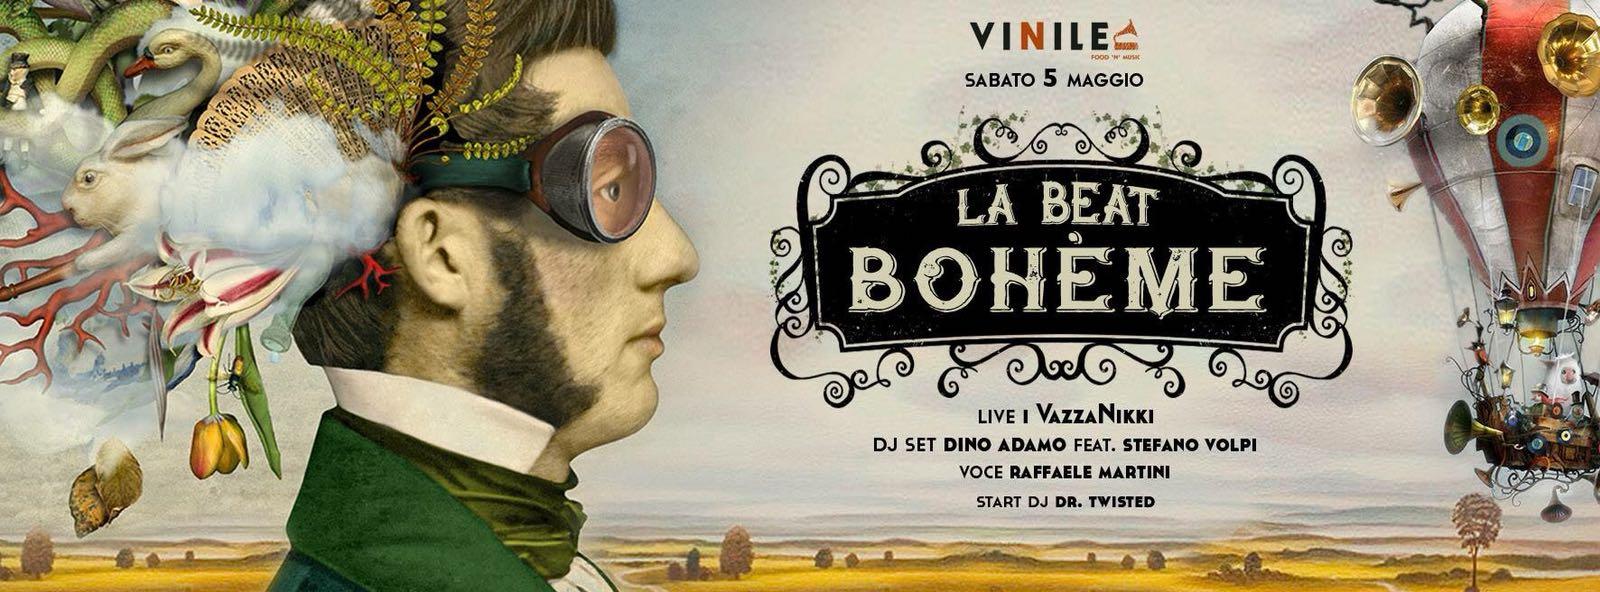 Discoteca Vinile Roma sabato 4 maggio 2018 Discoteche Roma